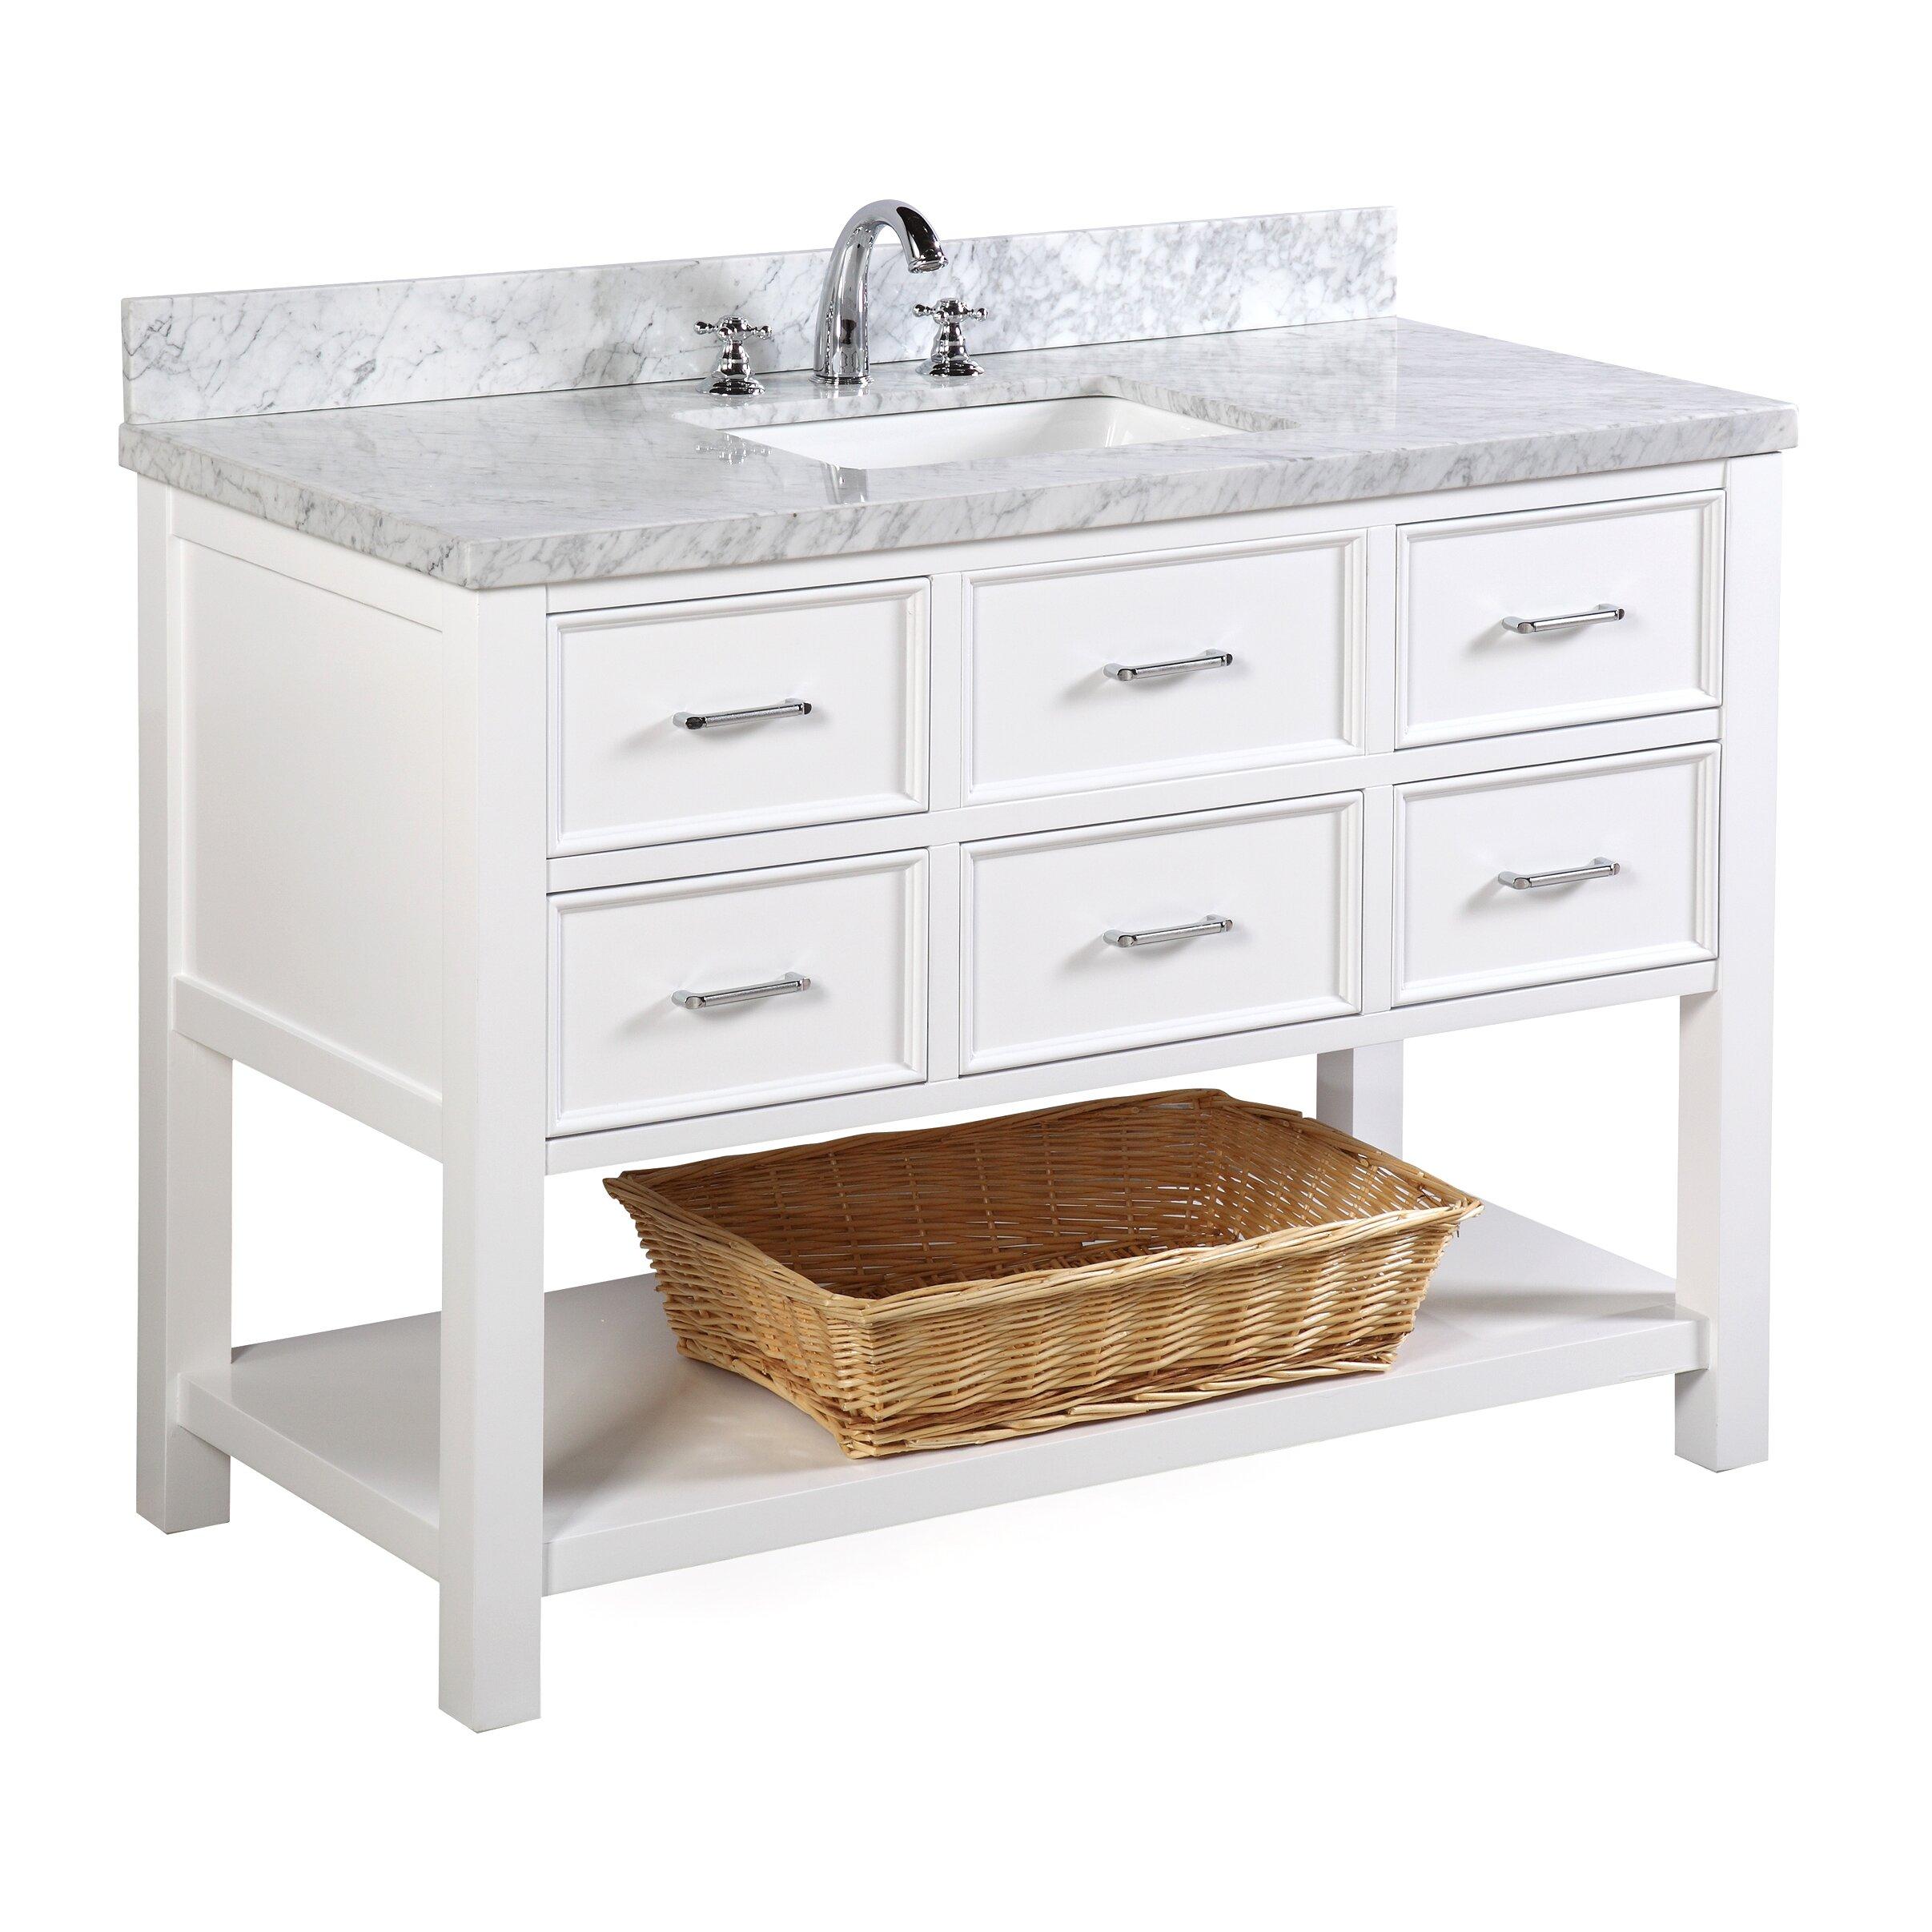 Custom Bathroom Vanities Nh 100+ ideas bathroom vanities nh on weboolu